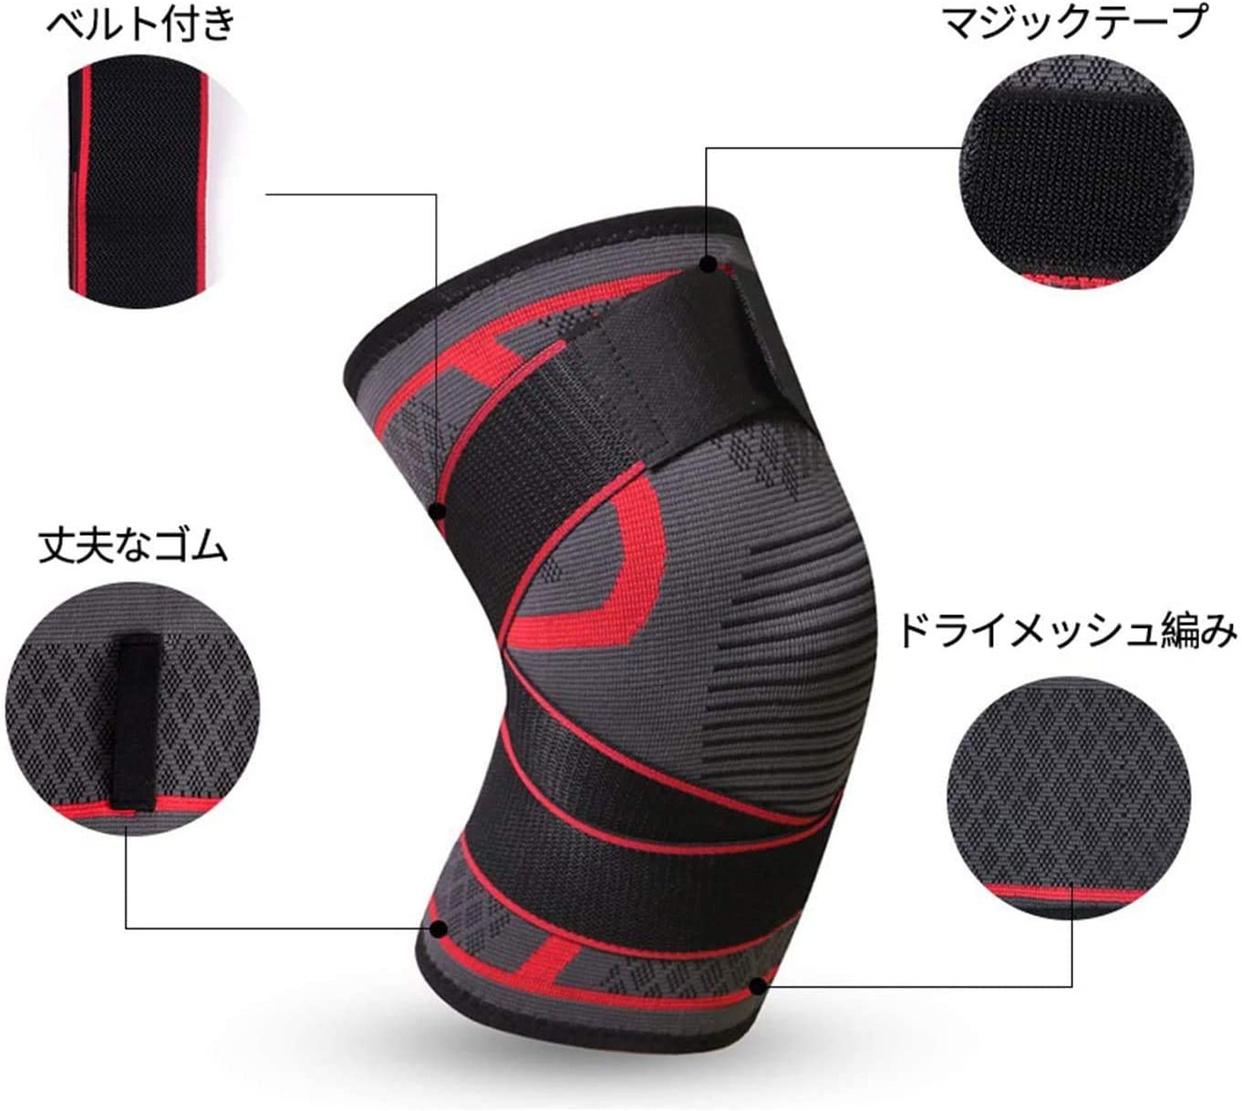 OLRIK(オルリク) 膝サポーターの商品画像2